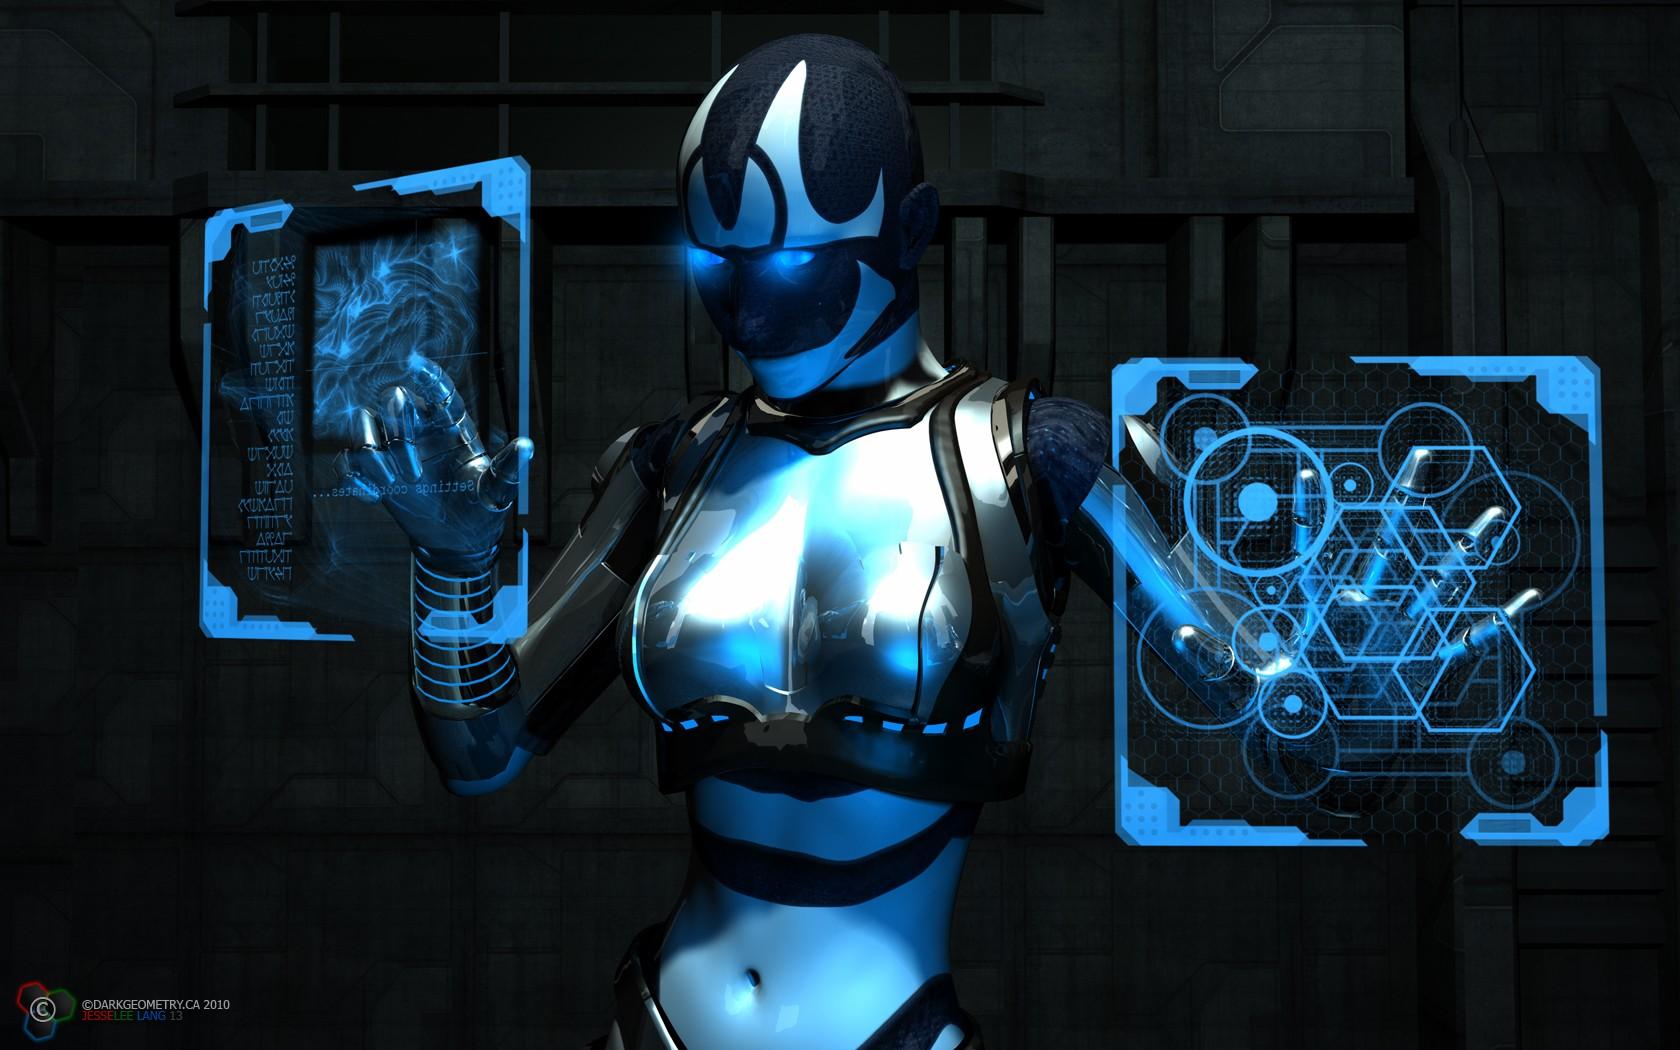 Cyborgs DeviantART Wallpaper 1680x1050 Cyborgs DeviantART 3D 1680x1050